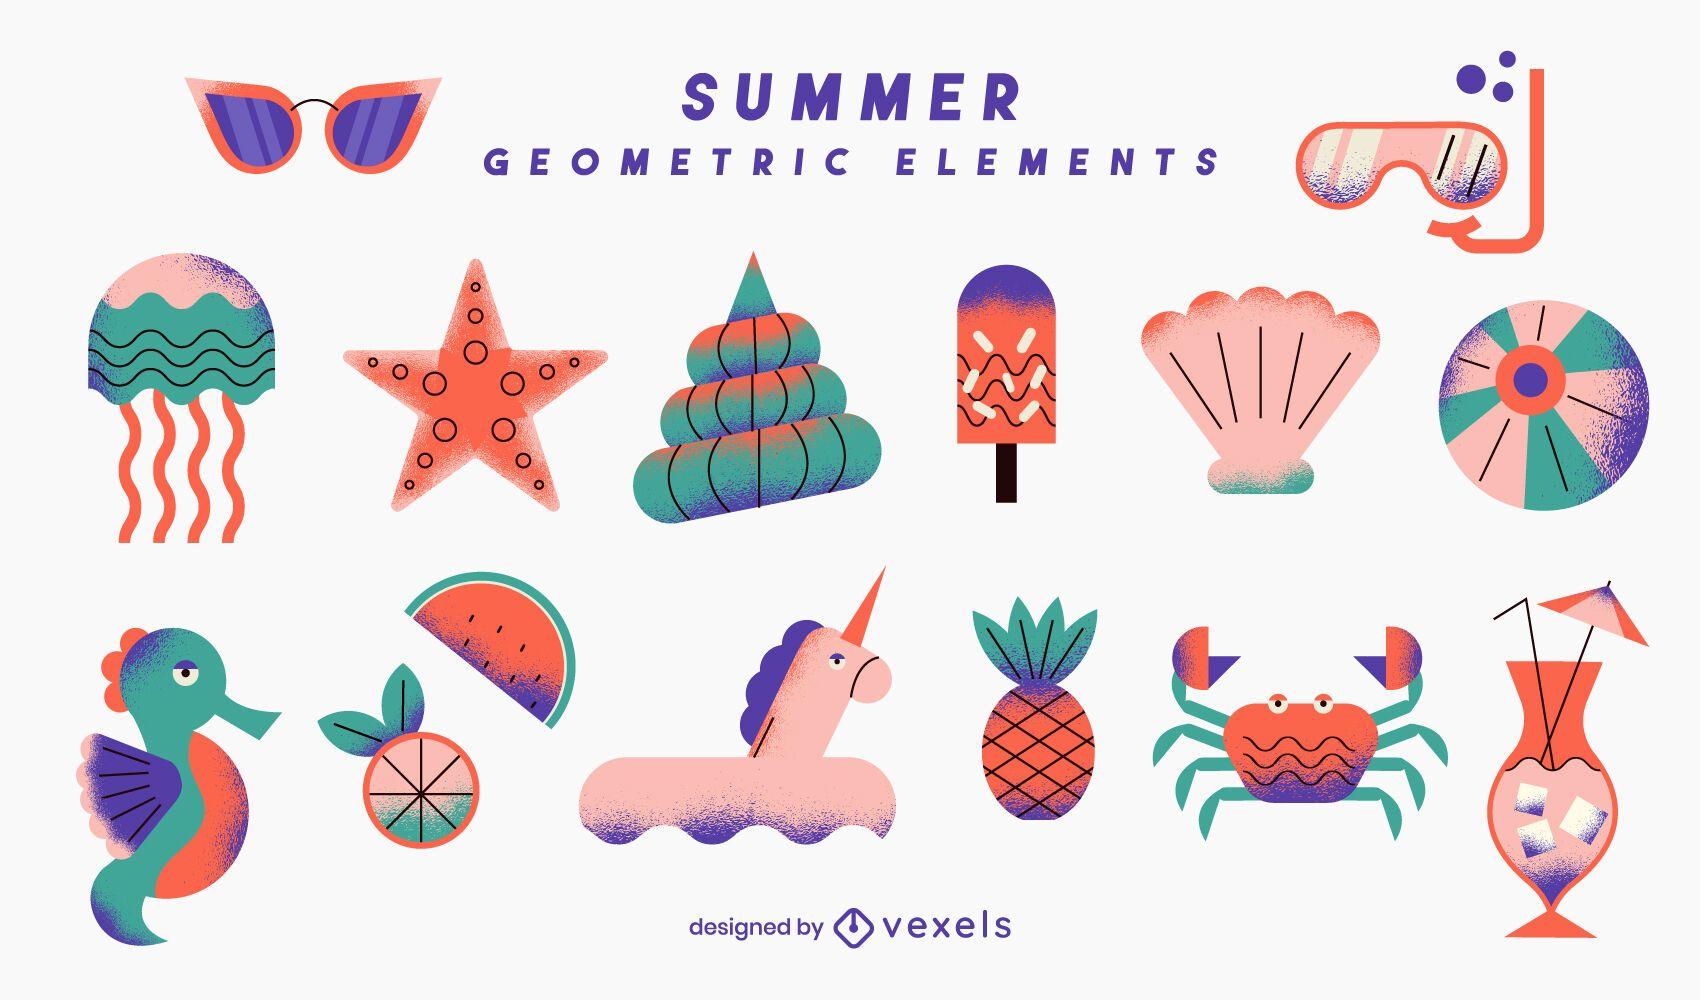 Summer geometric elements set